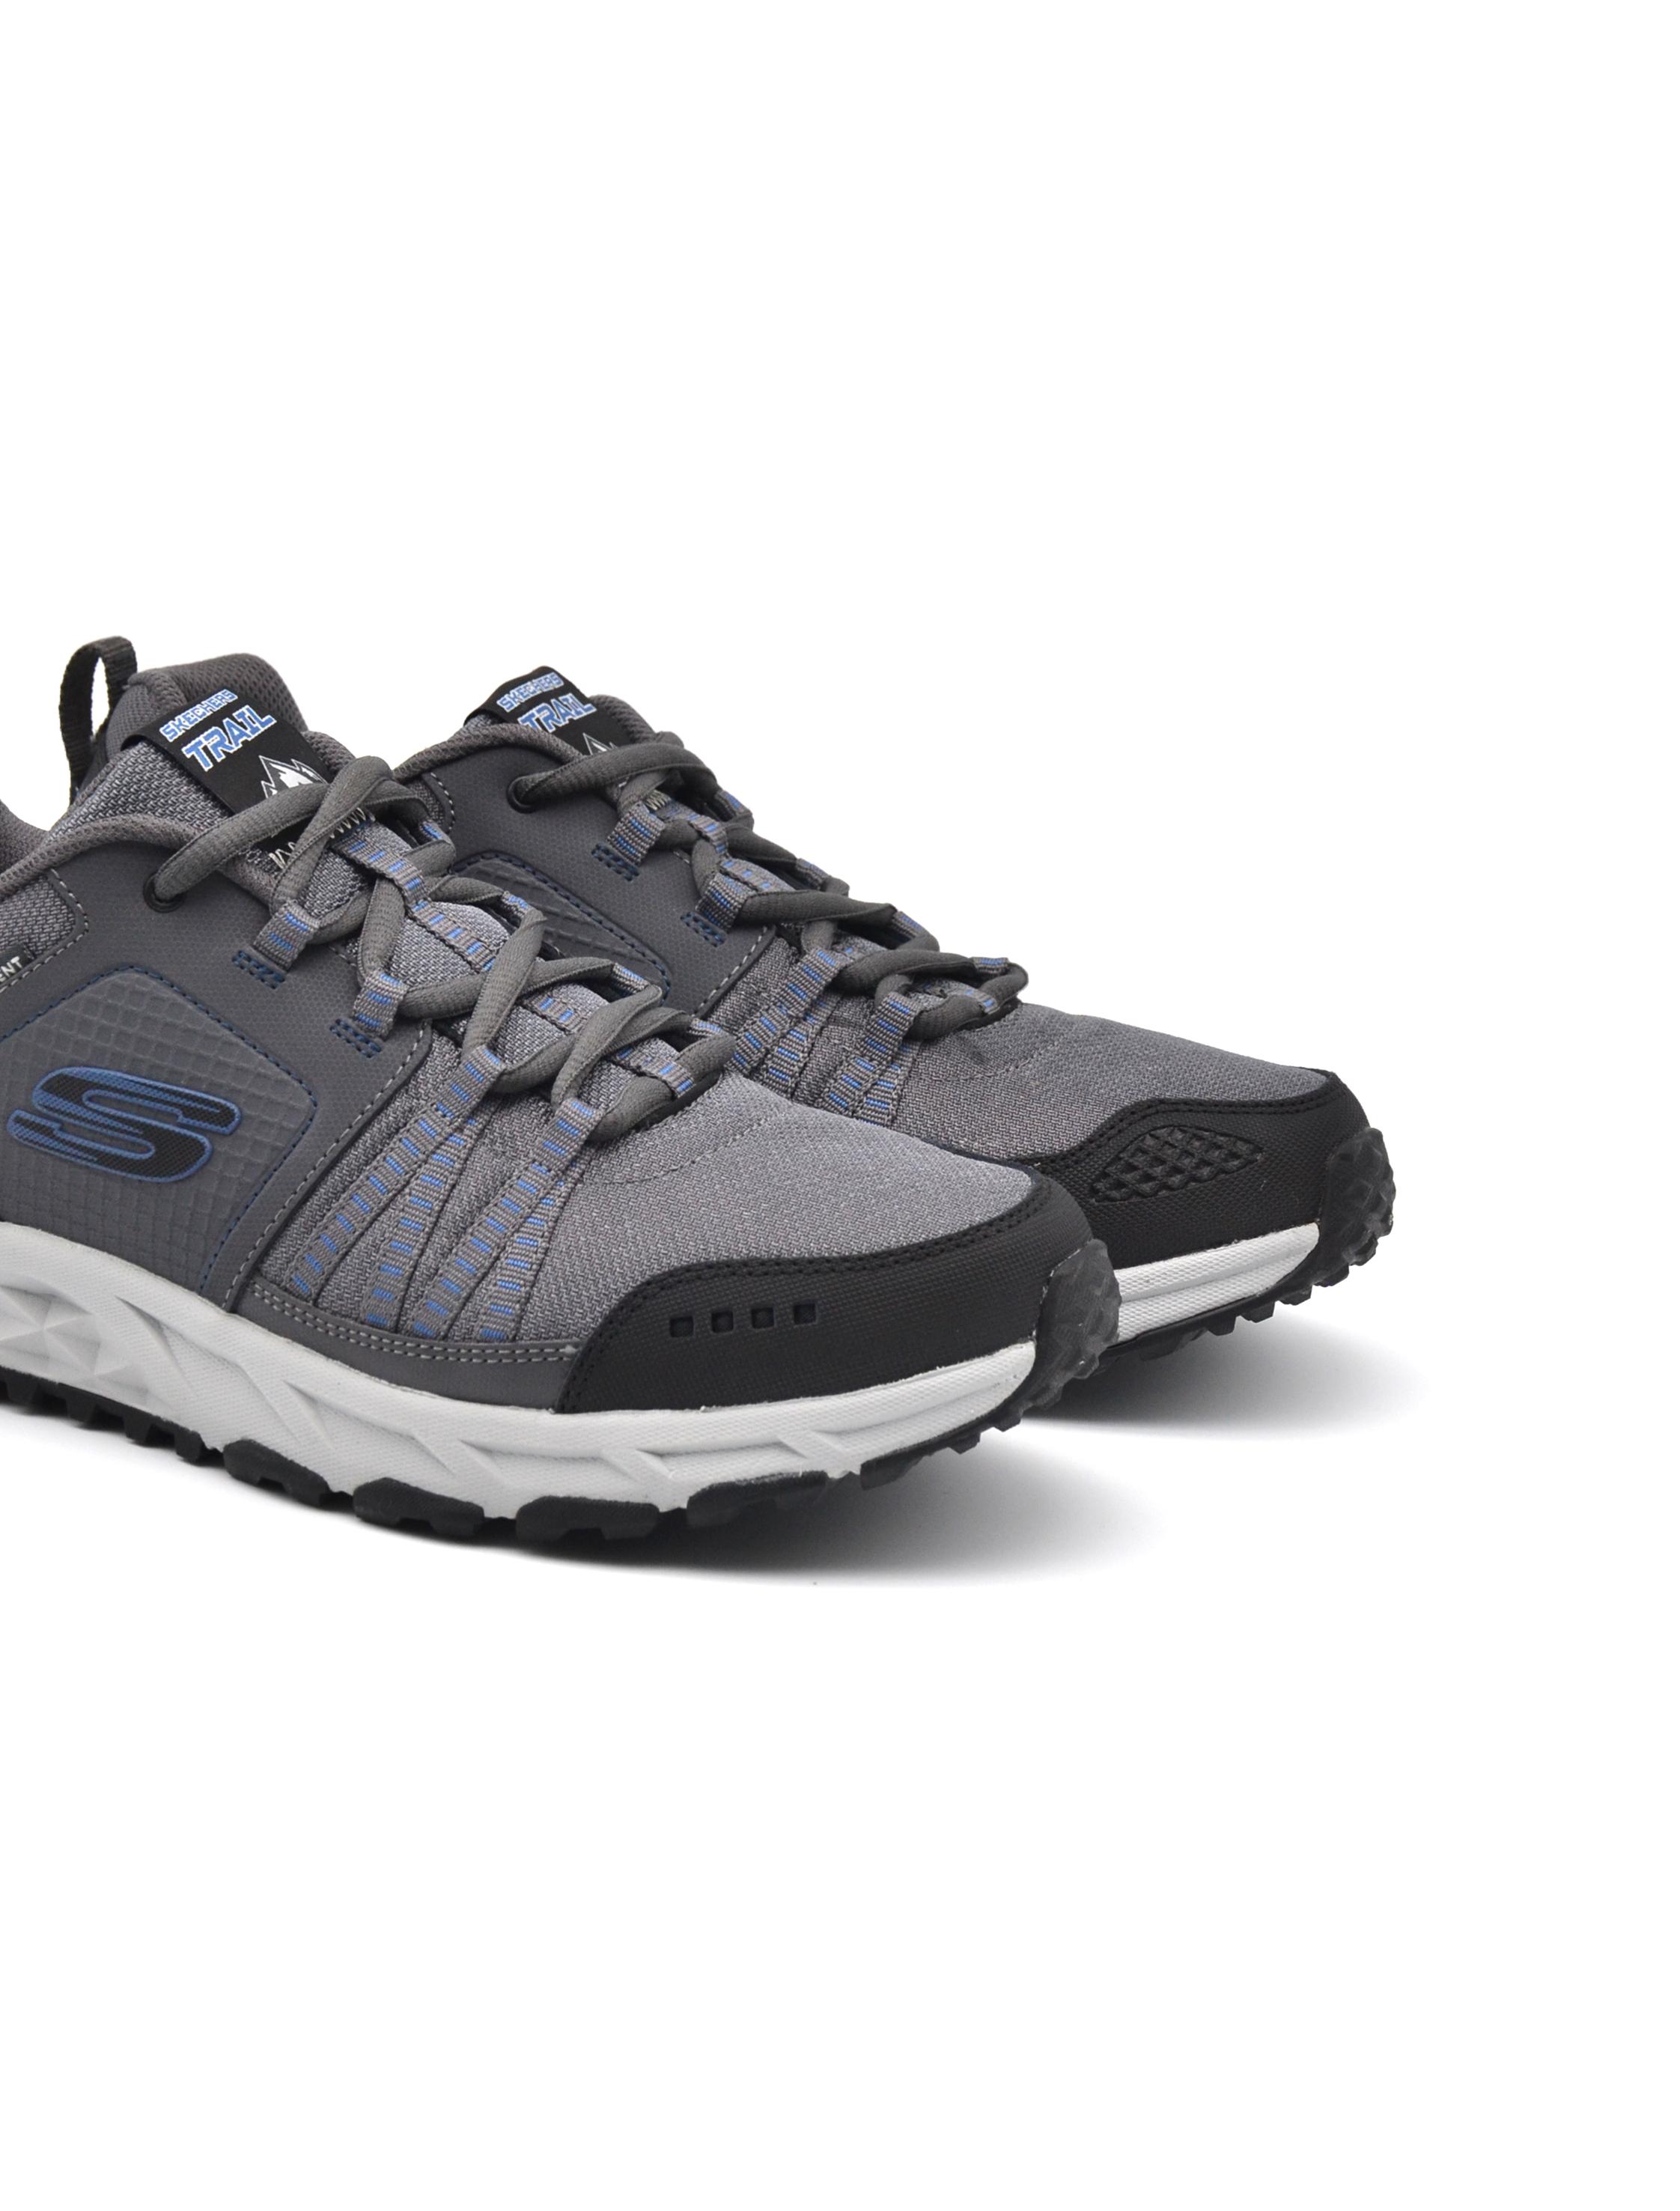 Skechers vestibilità Comoda da Uomo Memory Foam Plantare